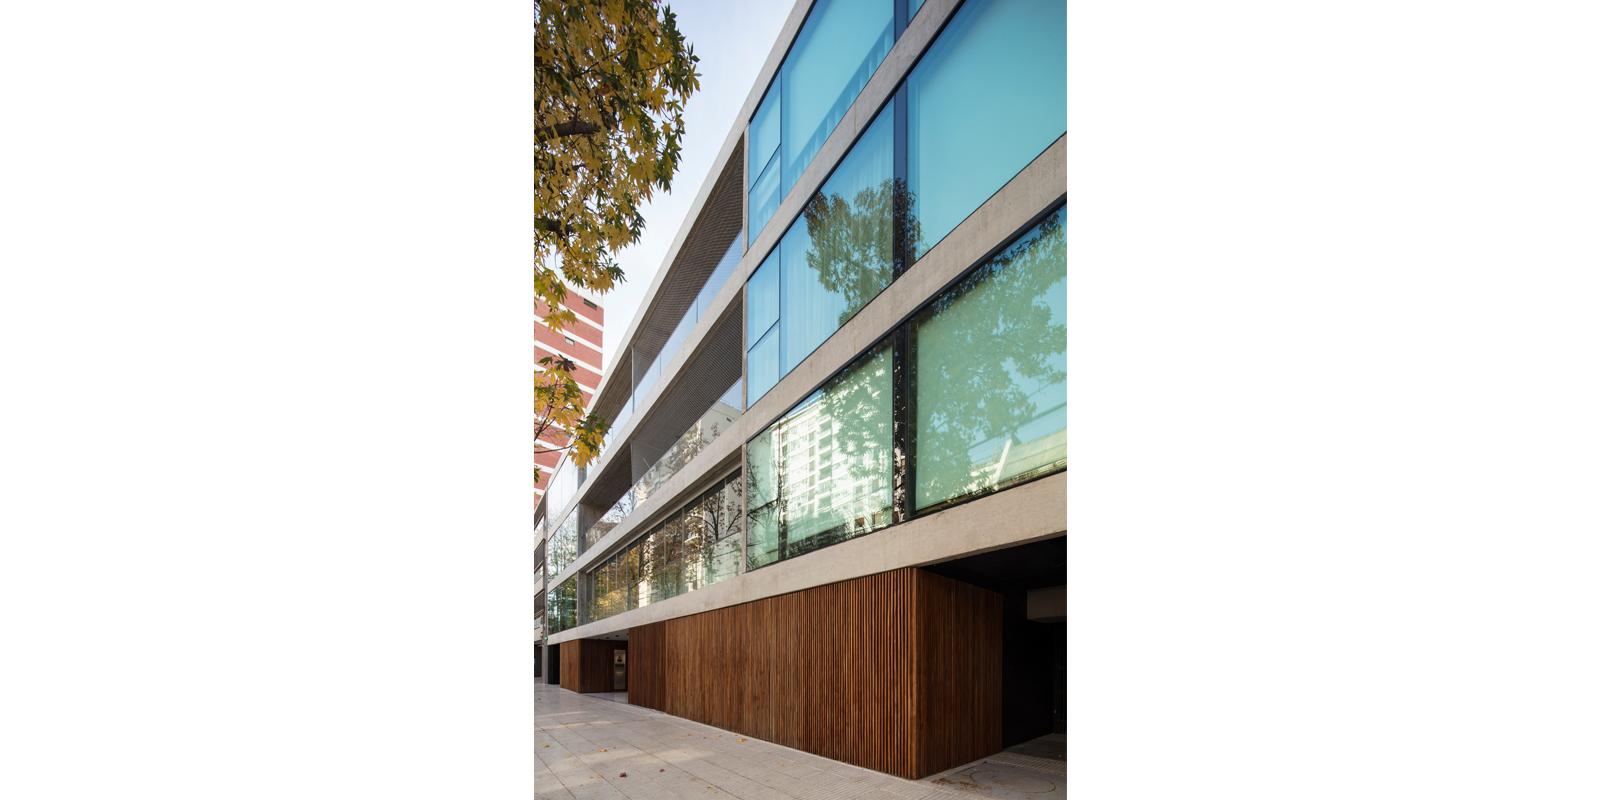 ProyectoC_Arquitectos_Portfolio_04_EnriqueMartinez